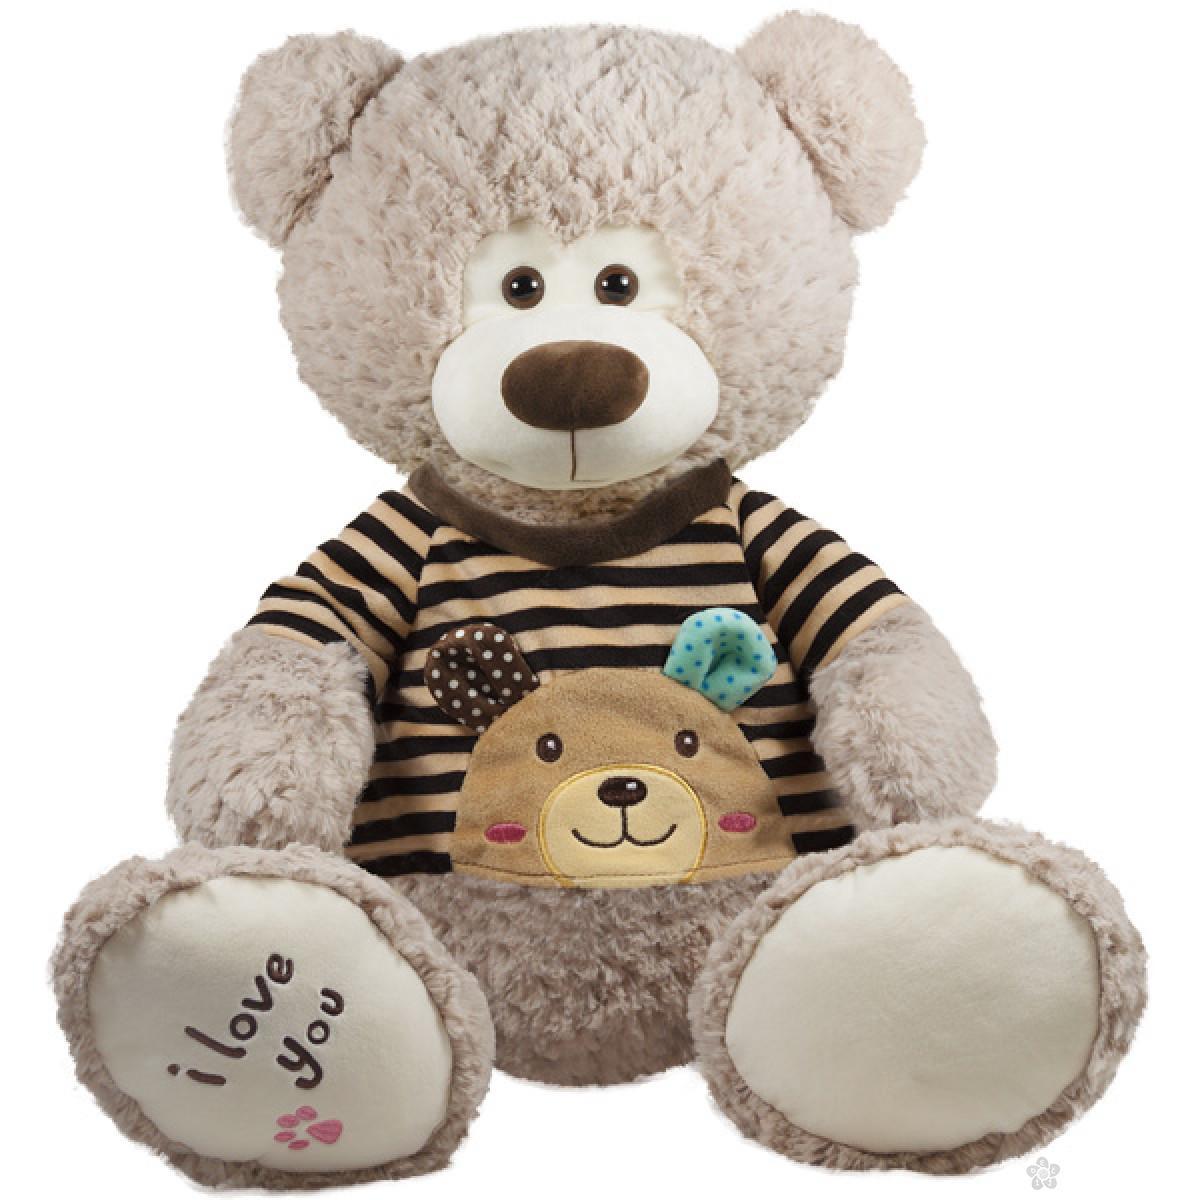 Plišana igračka medved sa braon džemperom, 20015